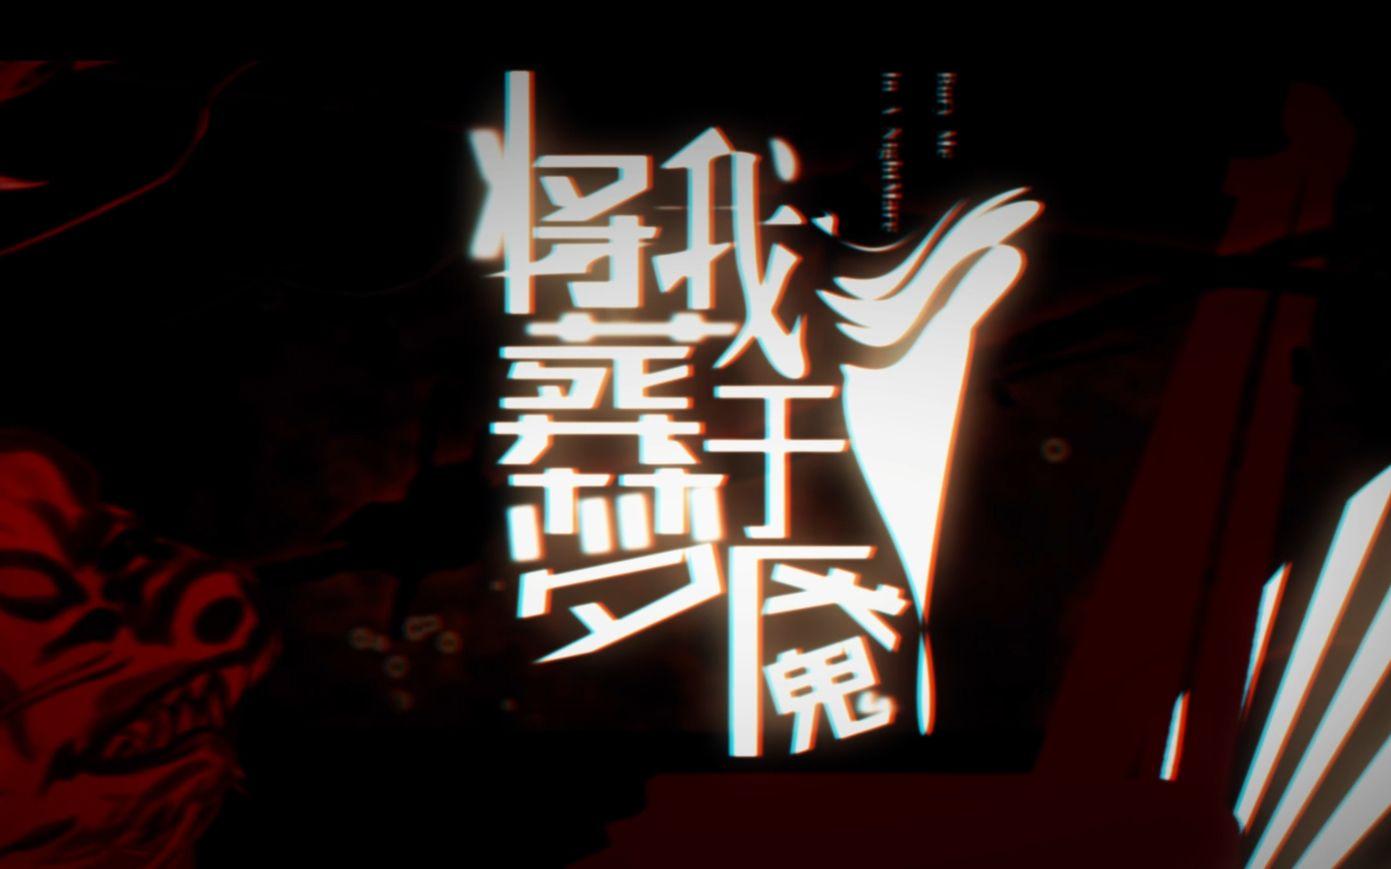 【三无】将我葬于梦魇【原创曲】